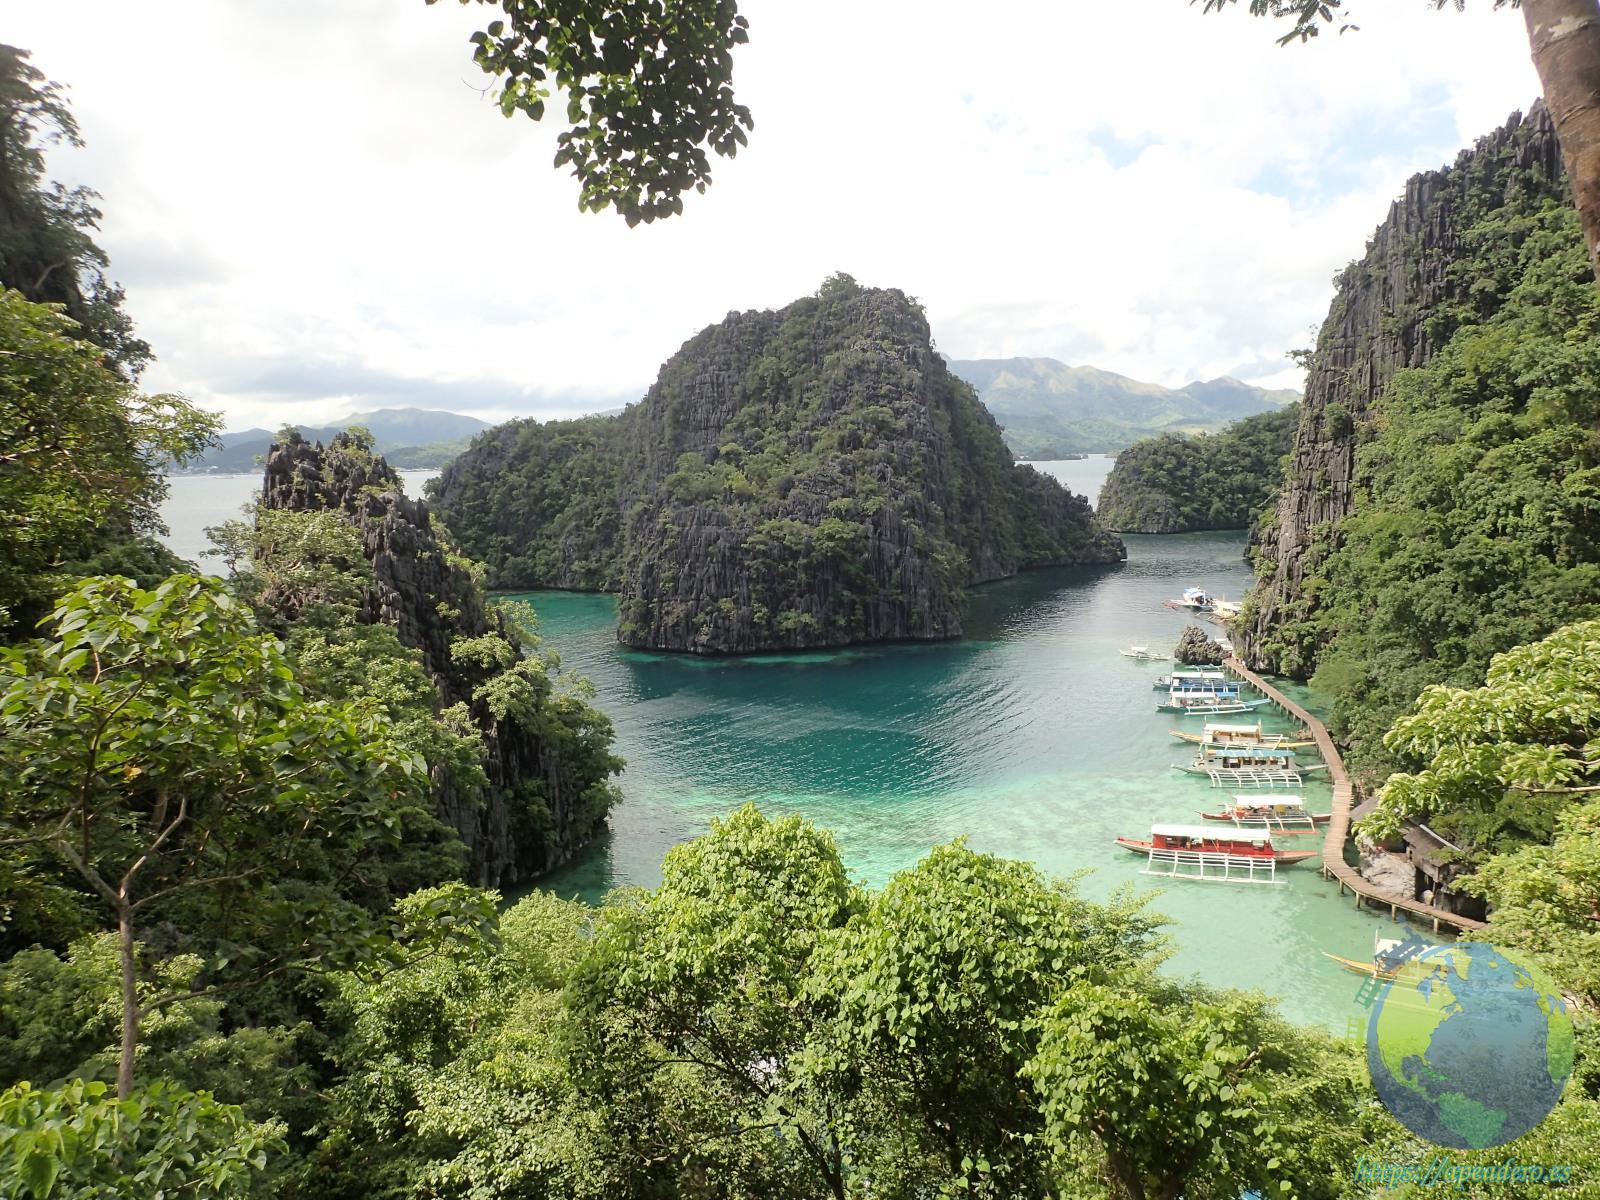 Imagen de una bahía en Palawan